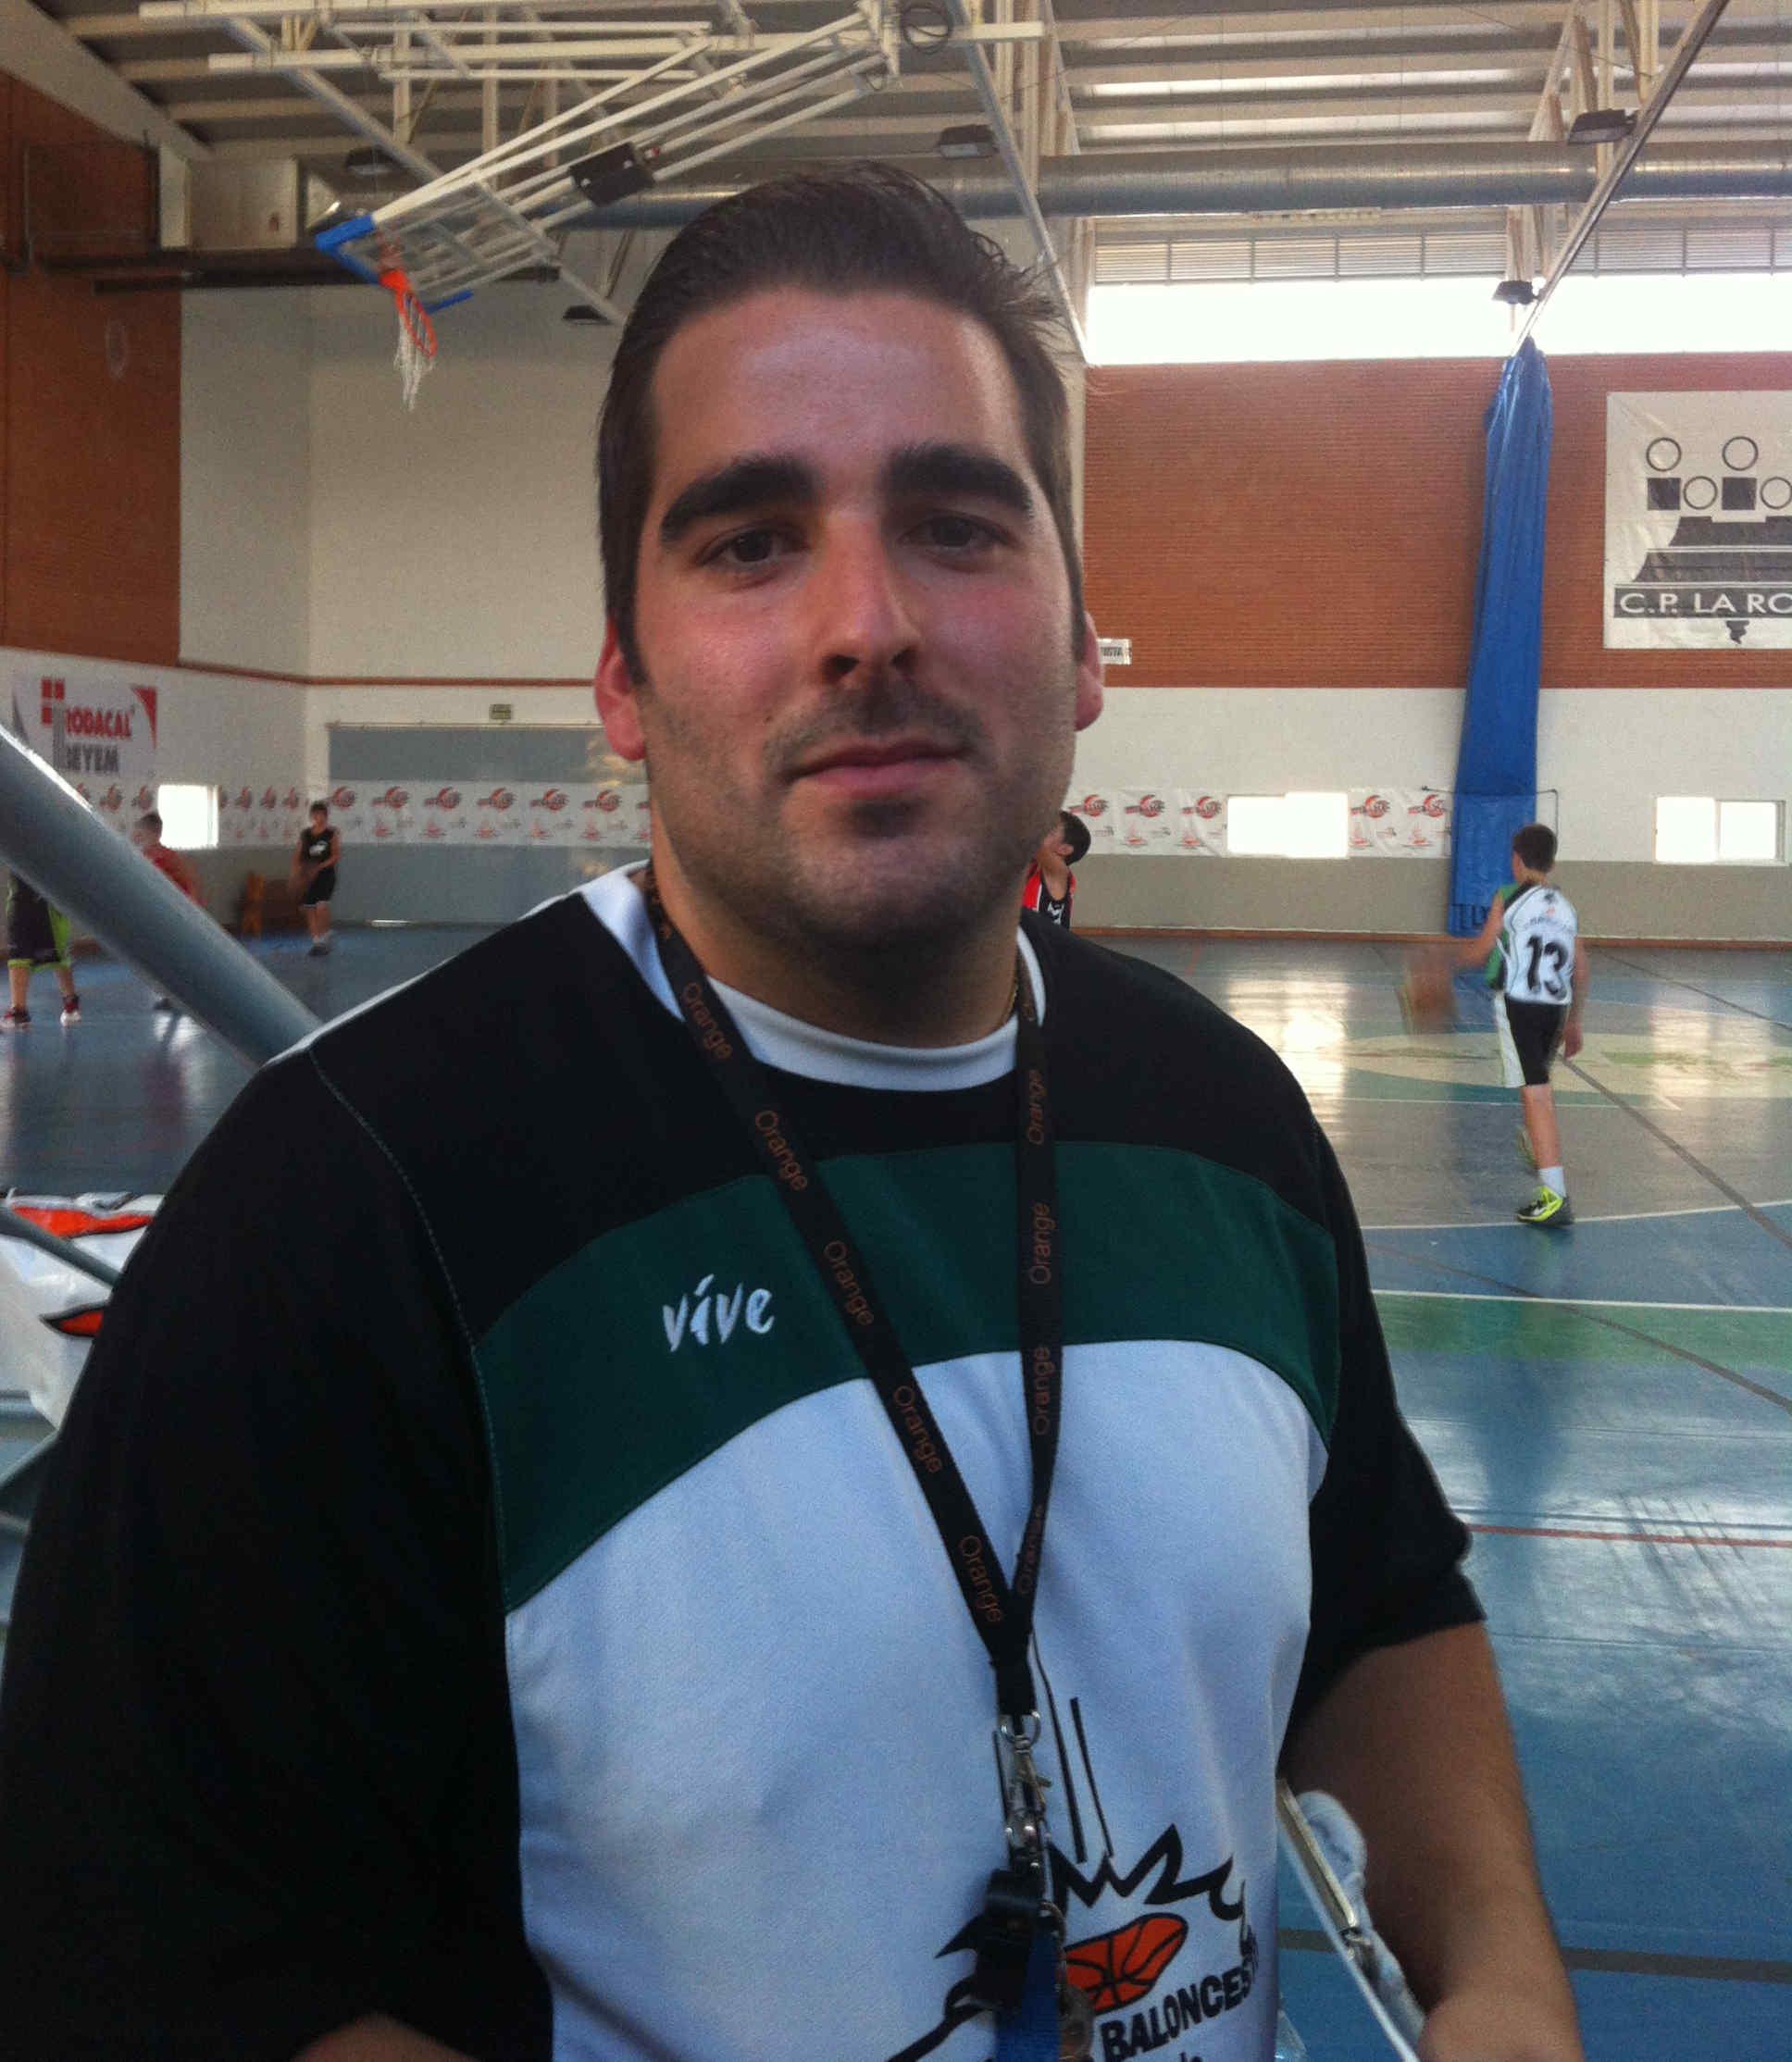 Antonio Javier Moya Bueno